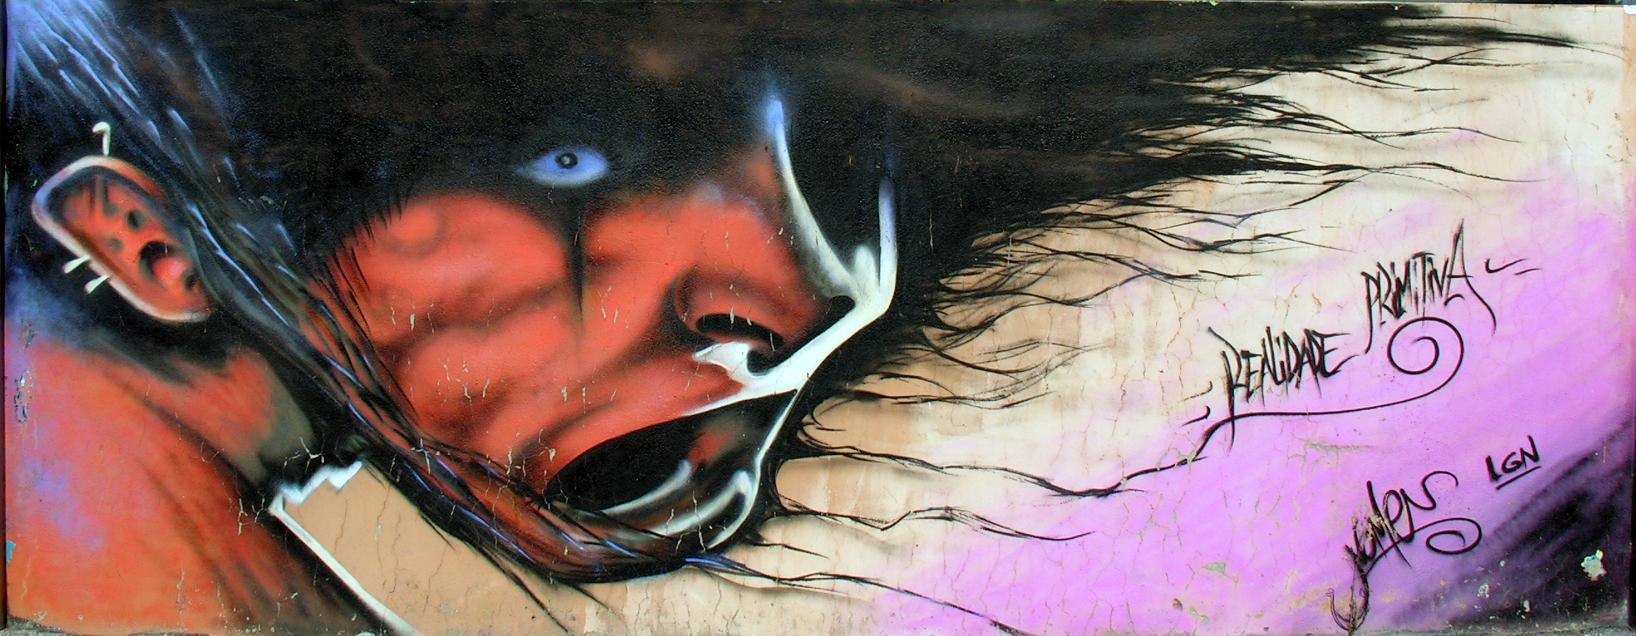 aba_20090927_Postais-de-Sintra_Graffiti_3871